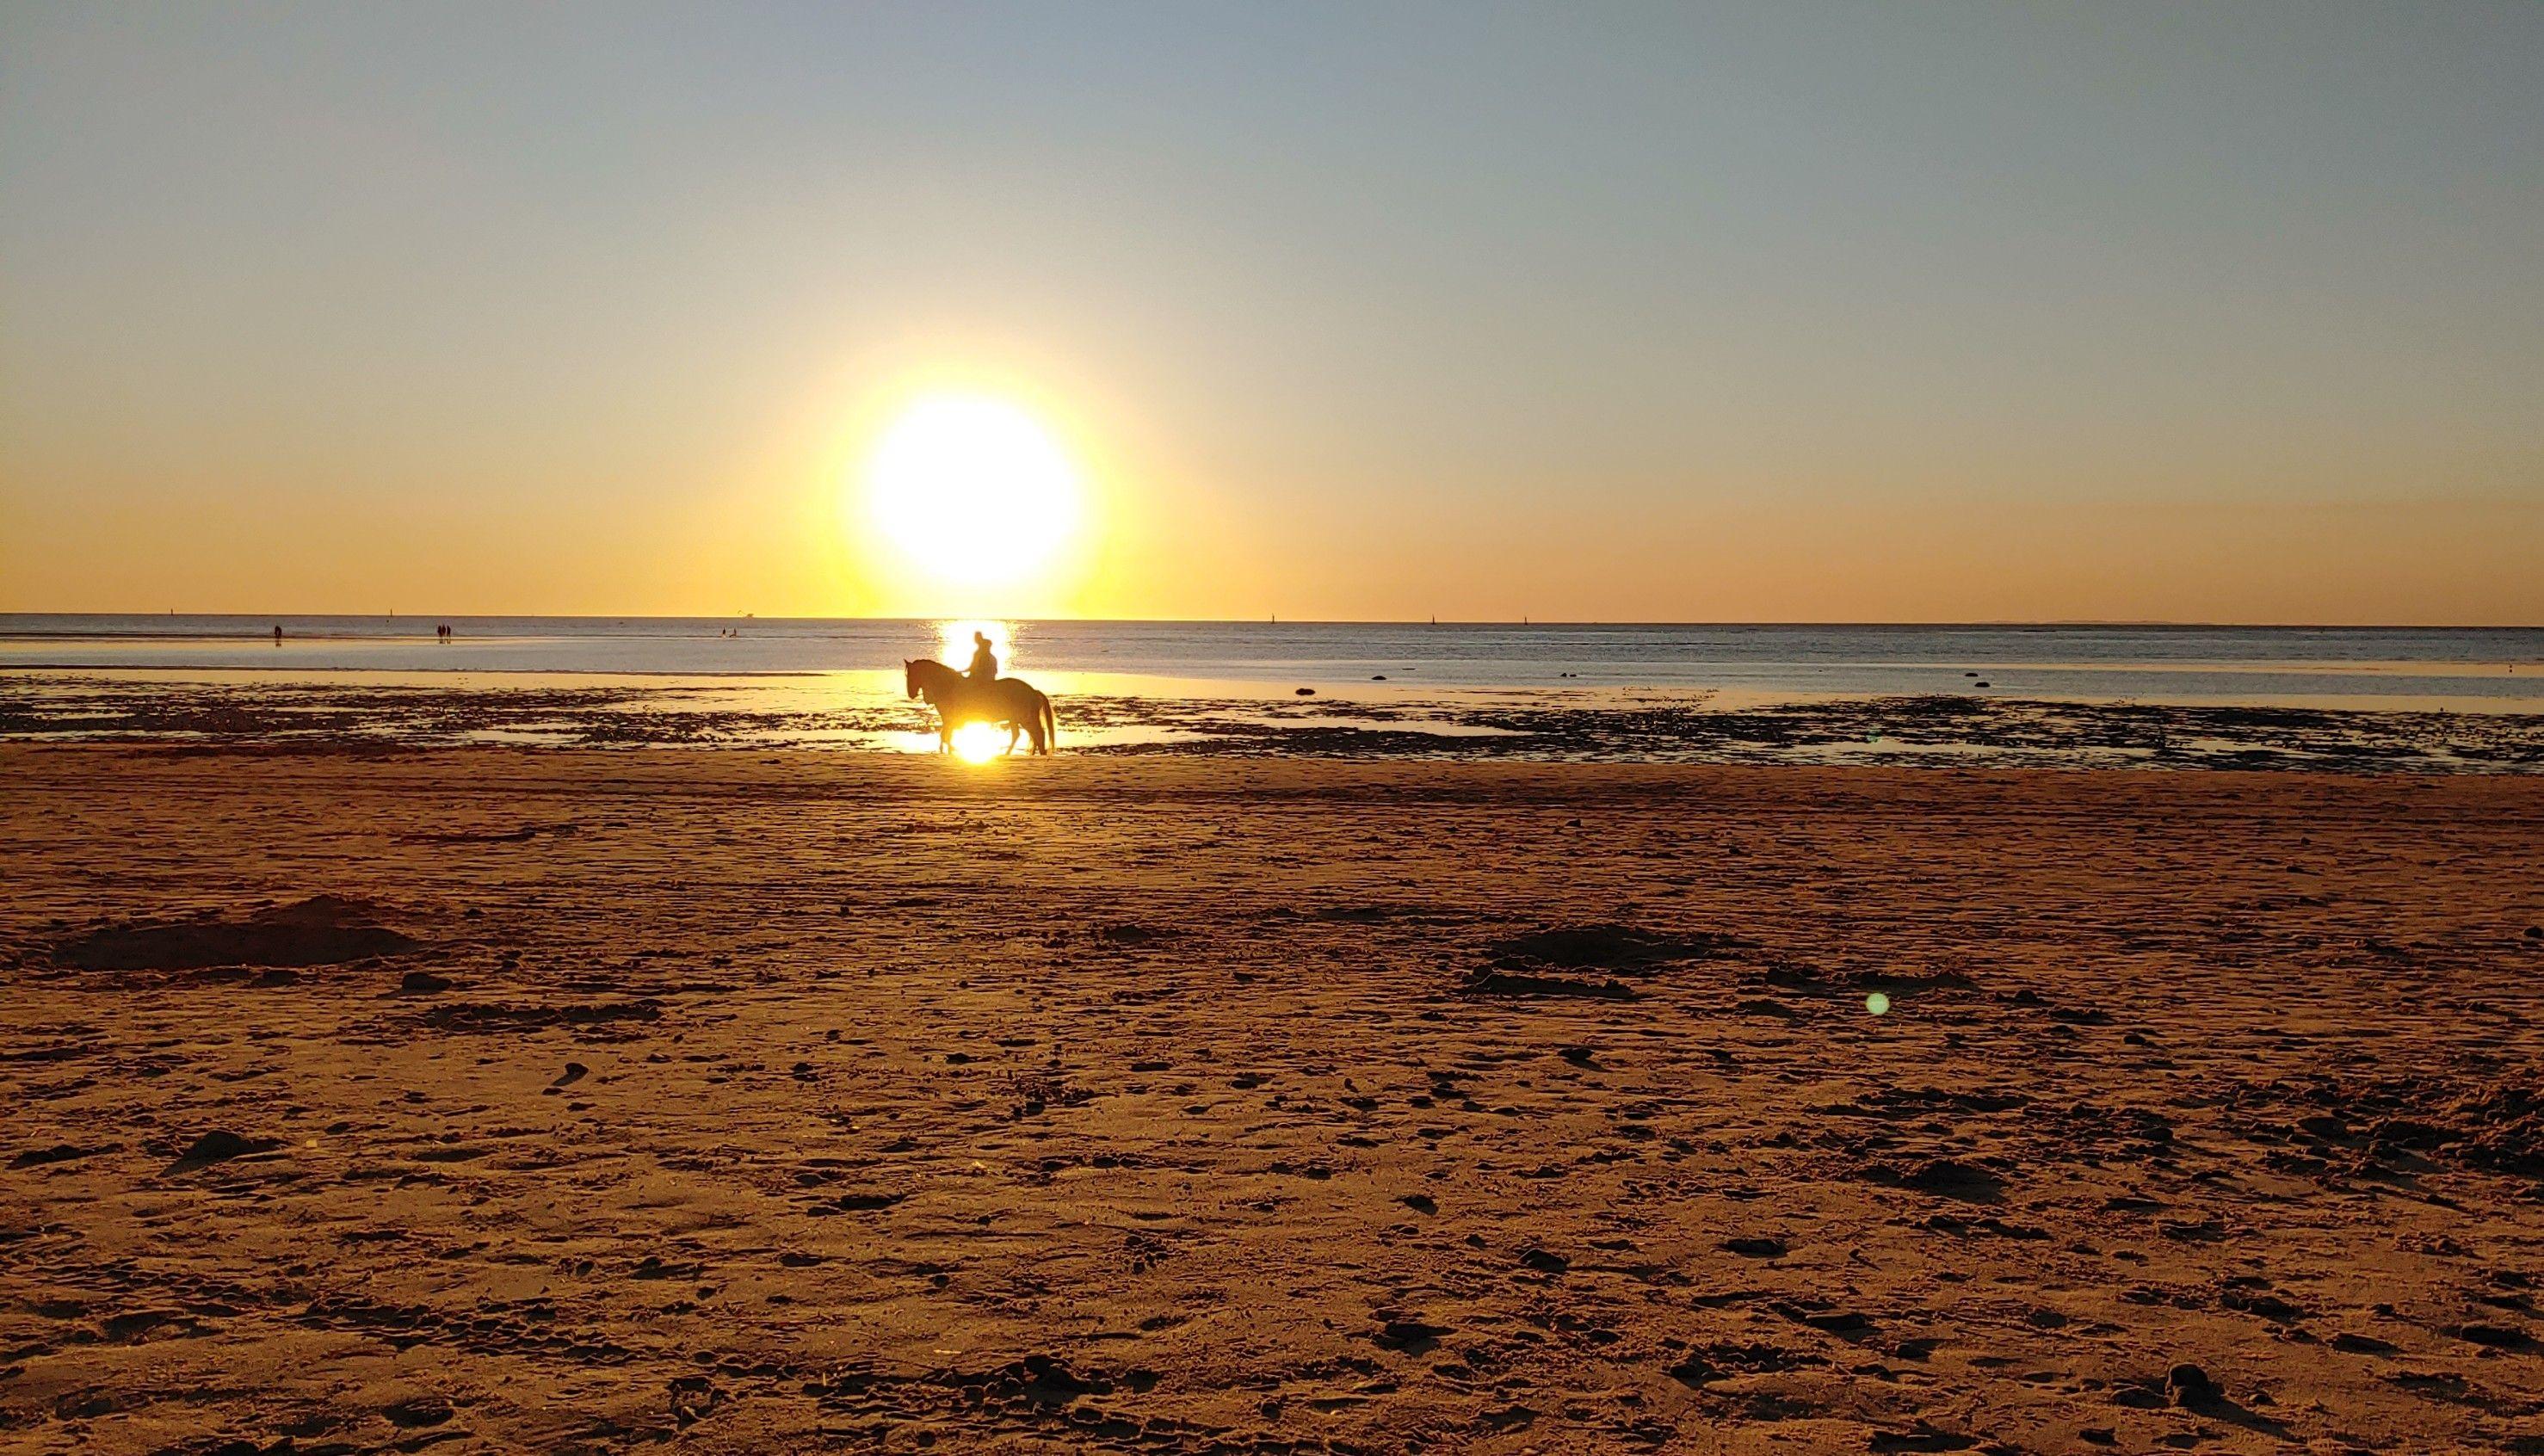 Atravesando el sol Sanlúcar de Barrameda#Miguel Iglesias Bauza 155